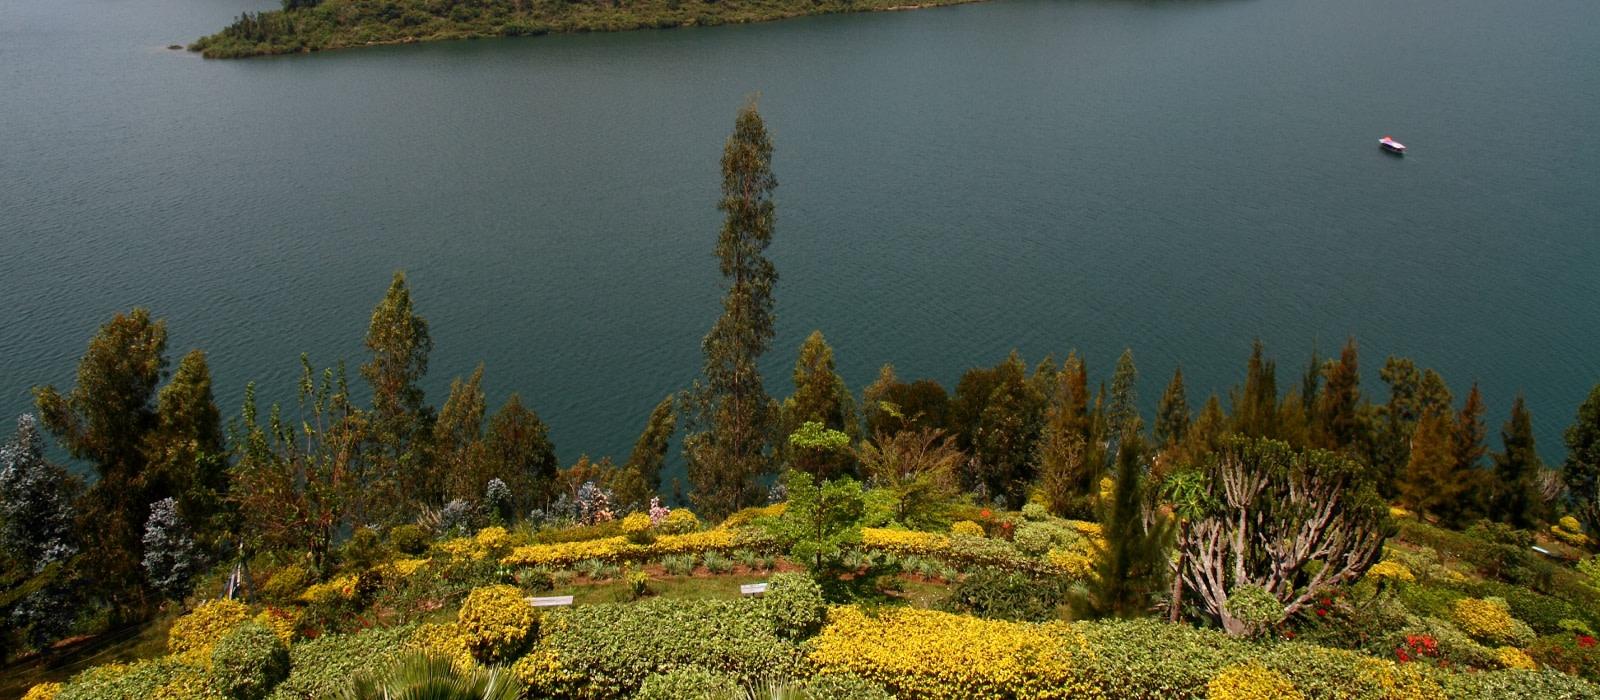 Ruanda Reise: Vulkane, Lake Kivu und Gorilla Trekking Urlaub 1